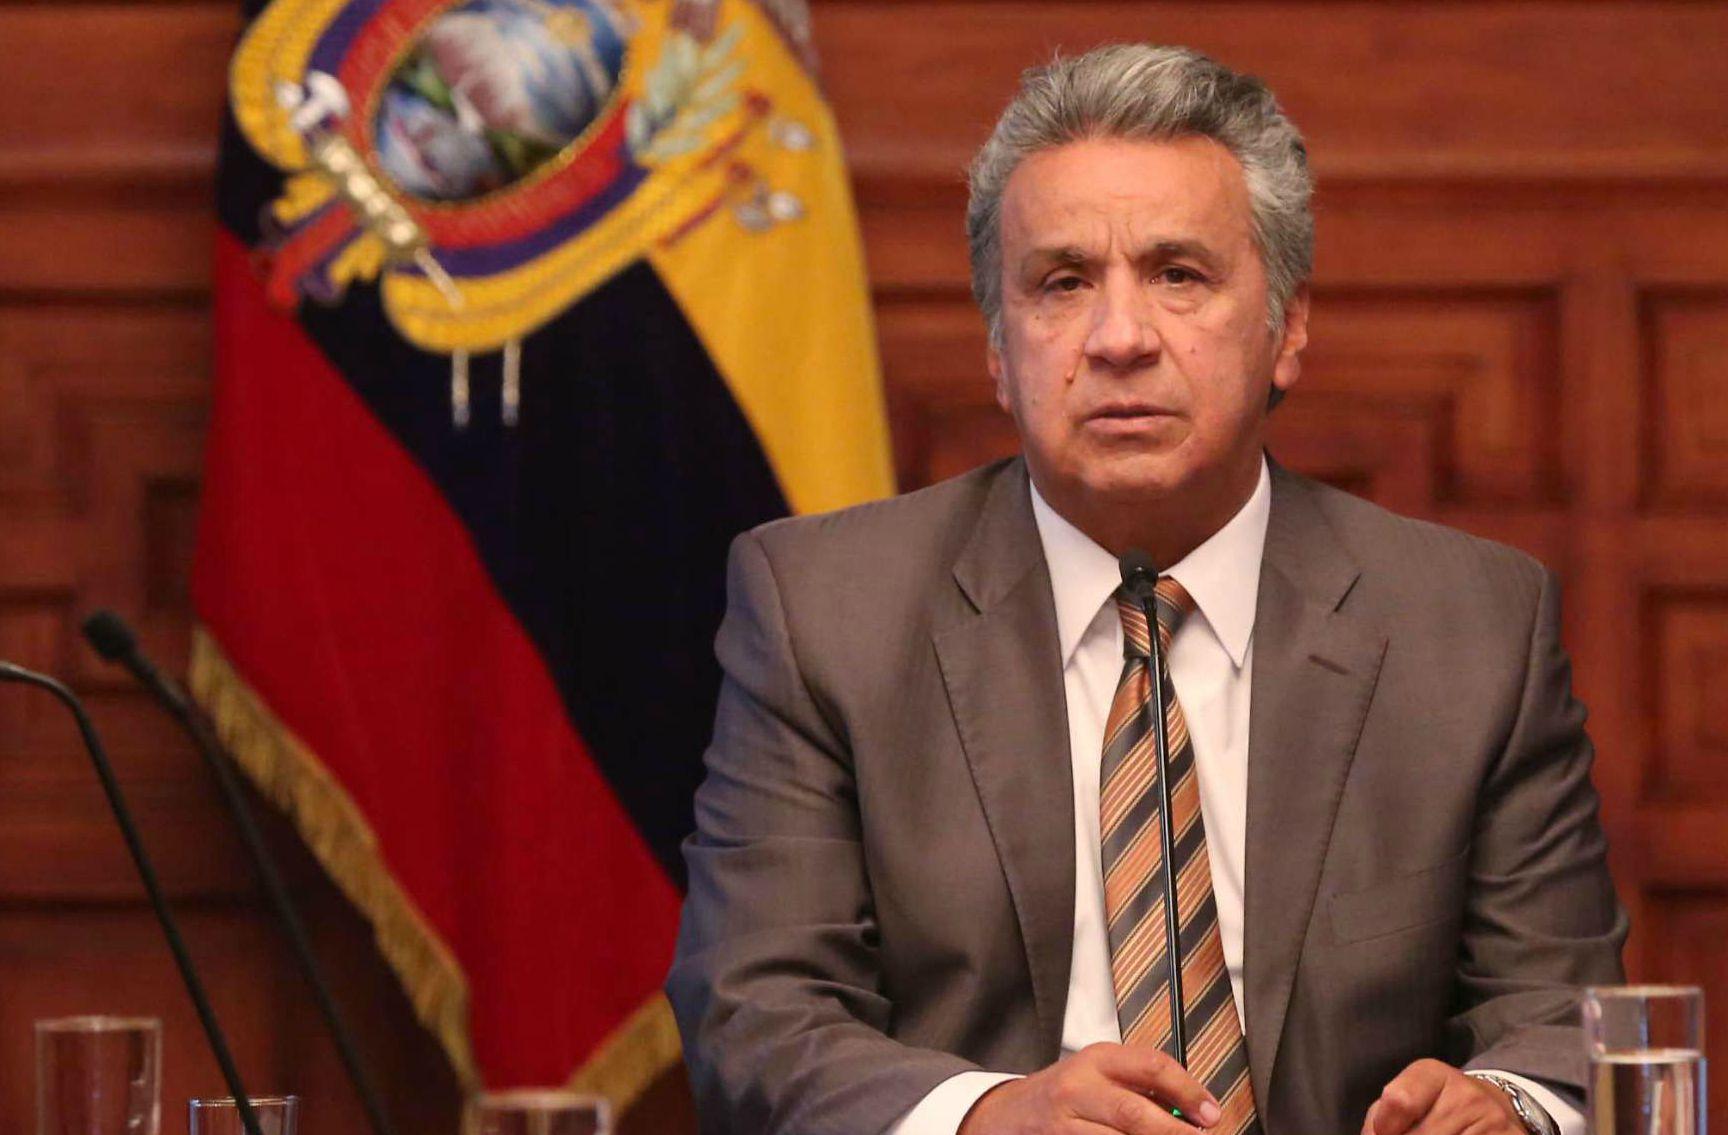 DOBLE LLAVE - La gira presidencial ecuatoriana arrancó el 10 de diciembre y culmina este domingo